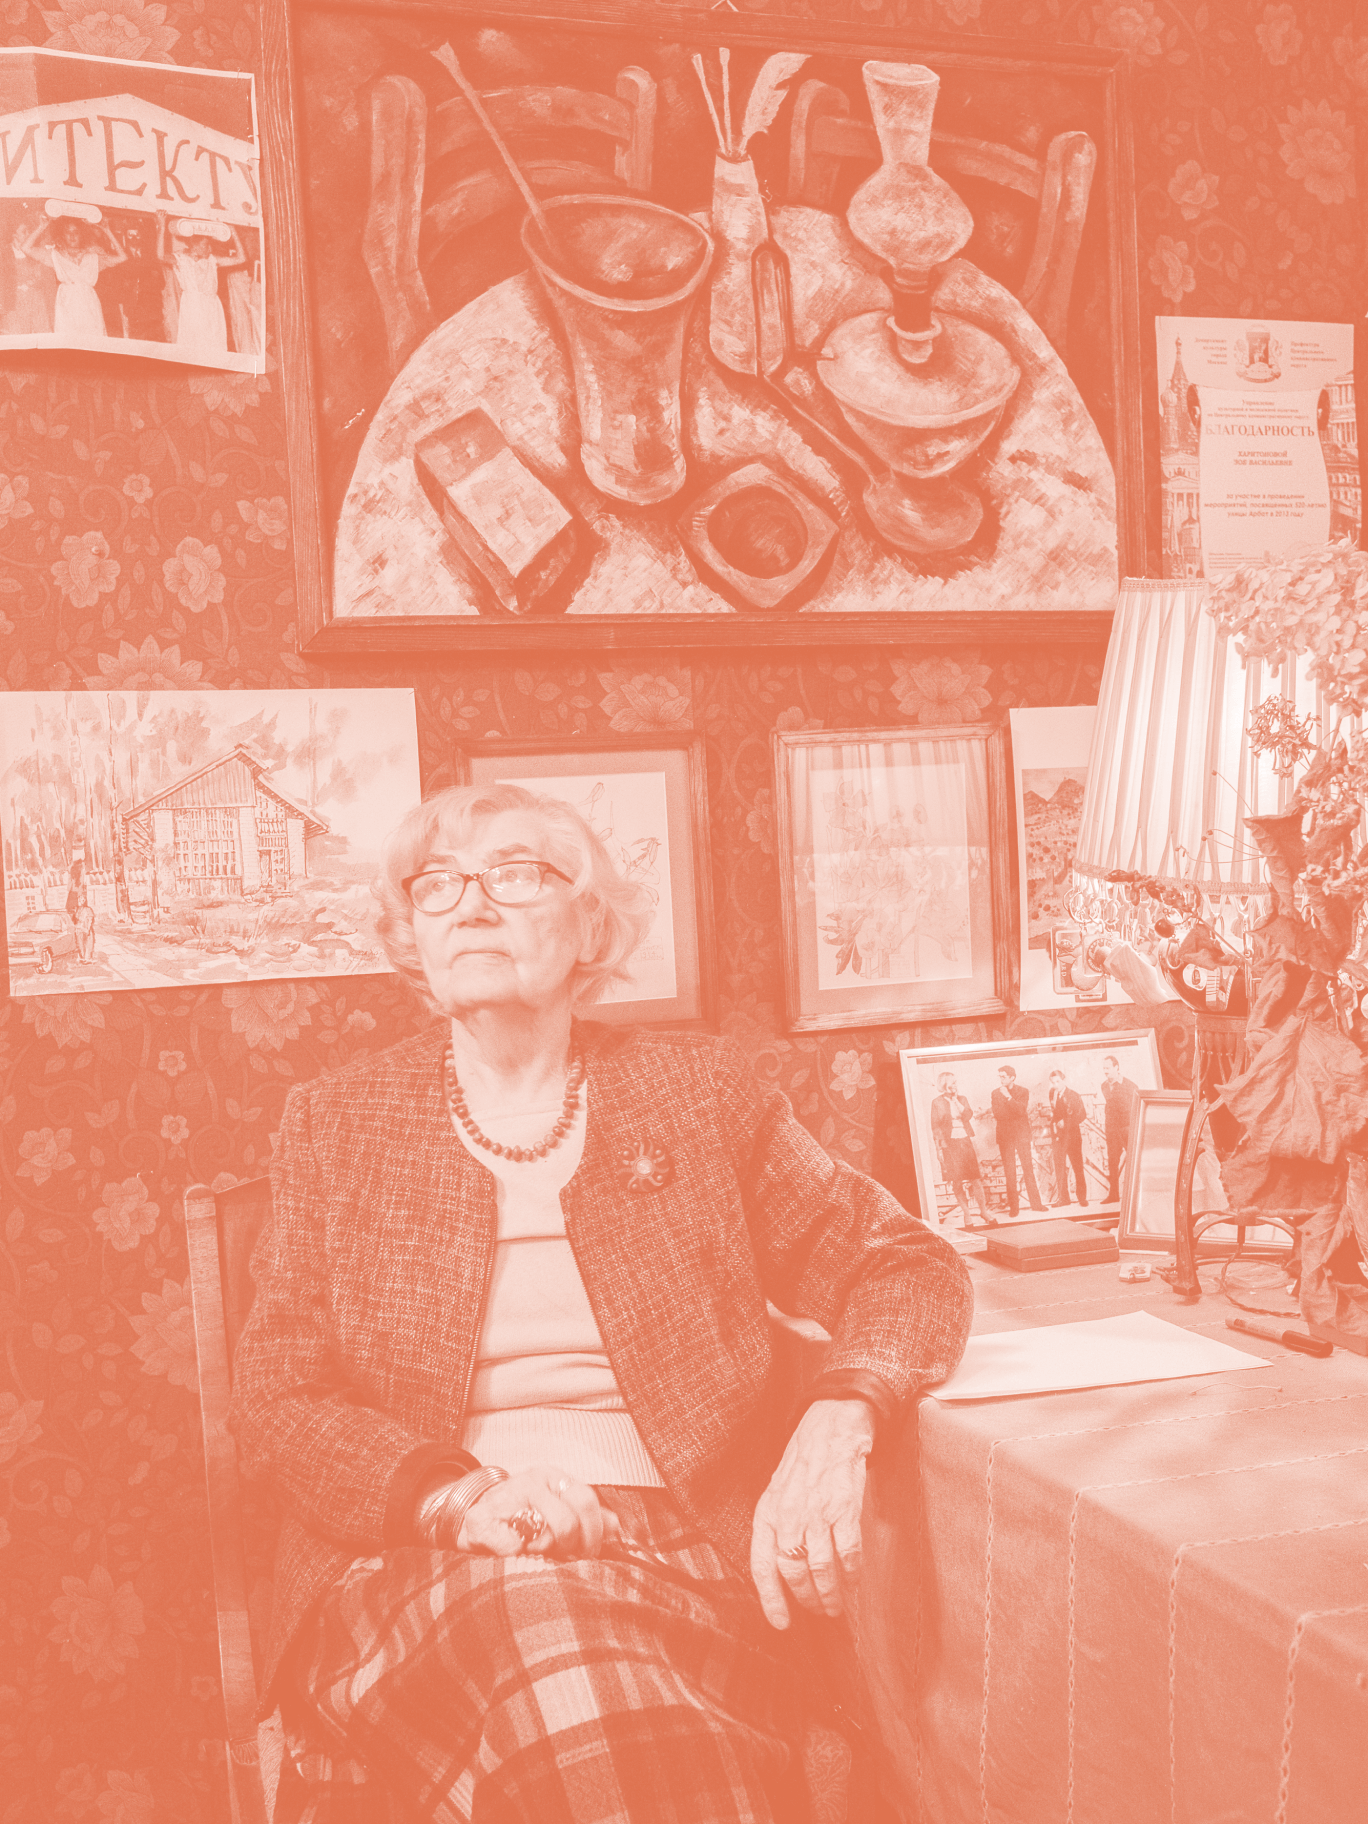 Зоя Харитонова —  о детстве в Сокольниках, мечтах о «Городе будущего» и проектировании собственного дома